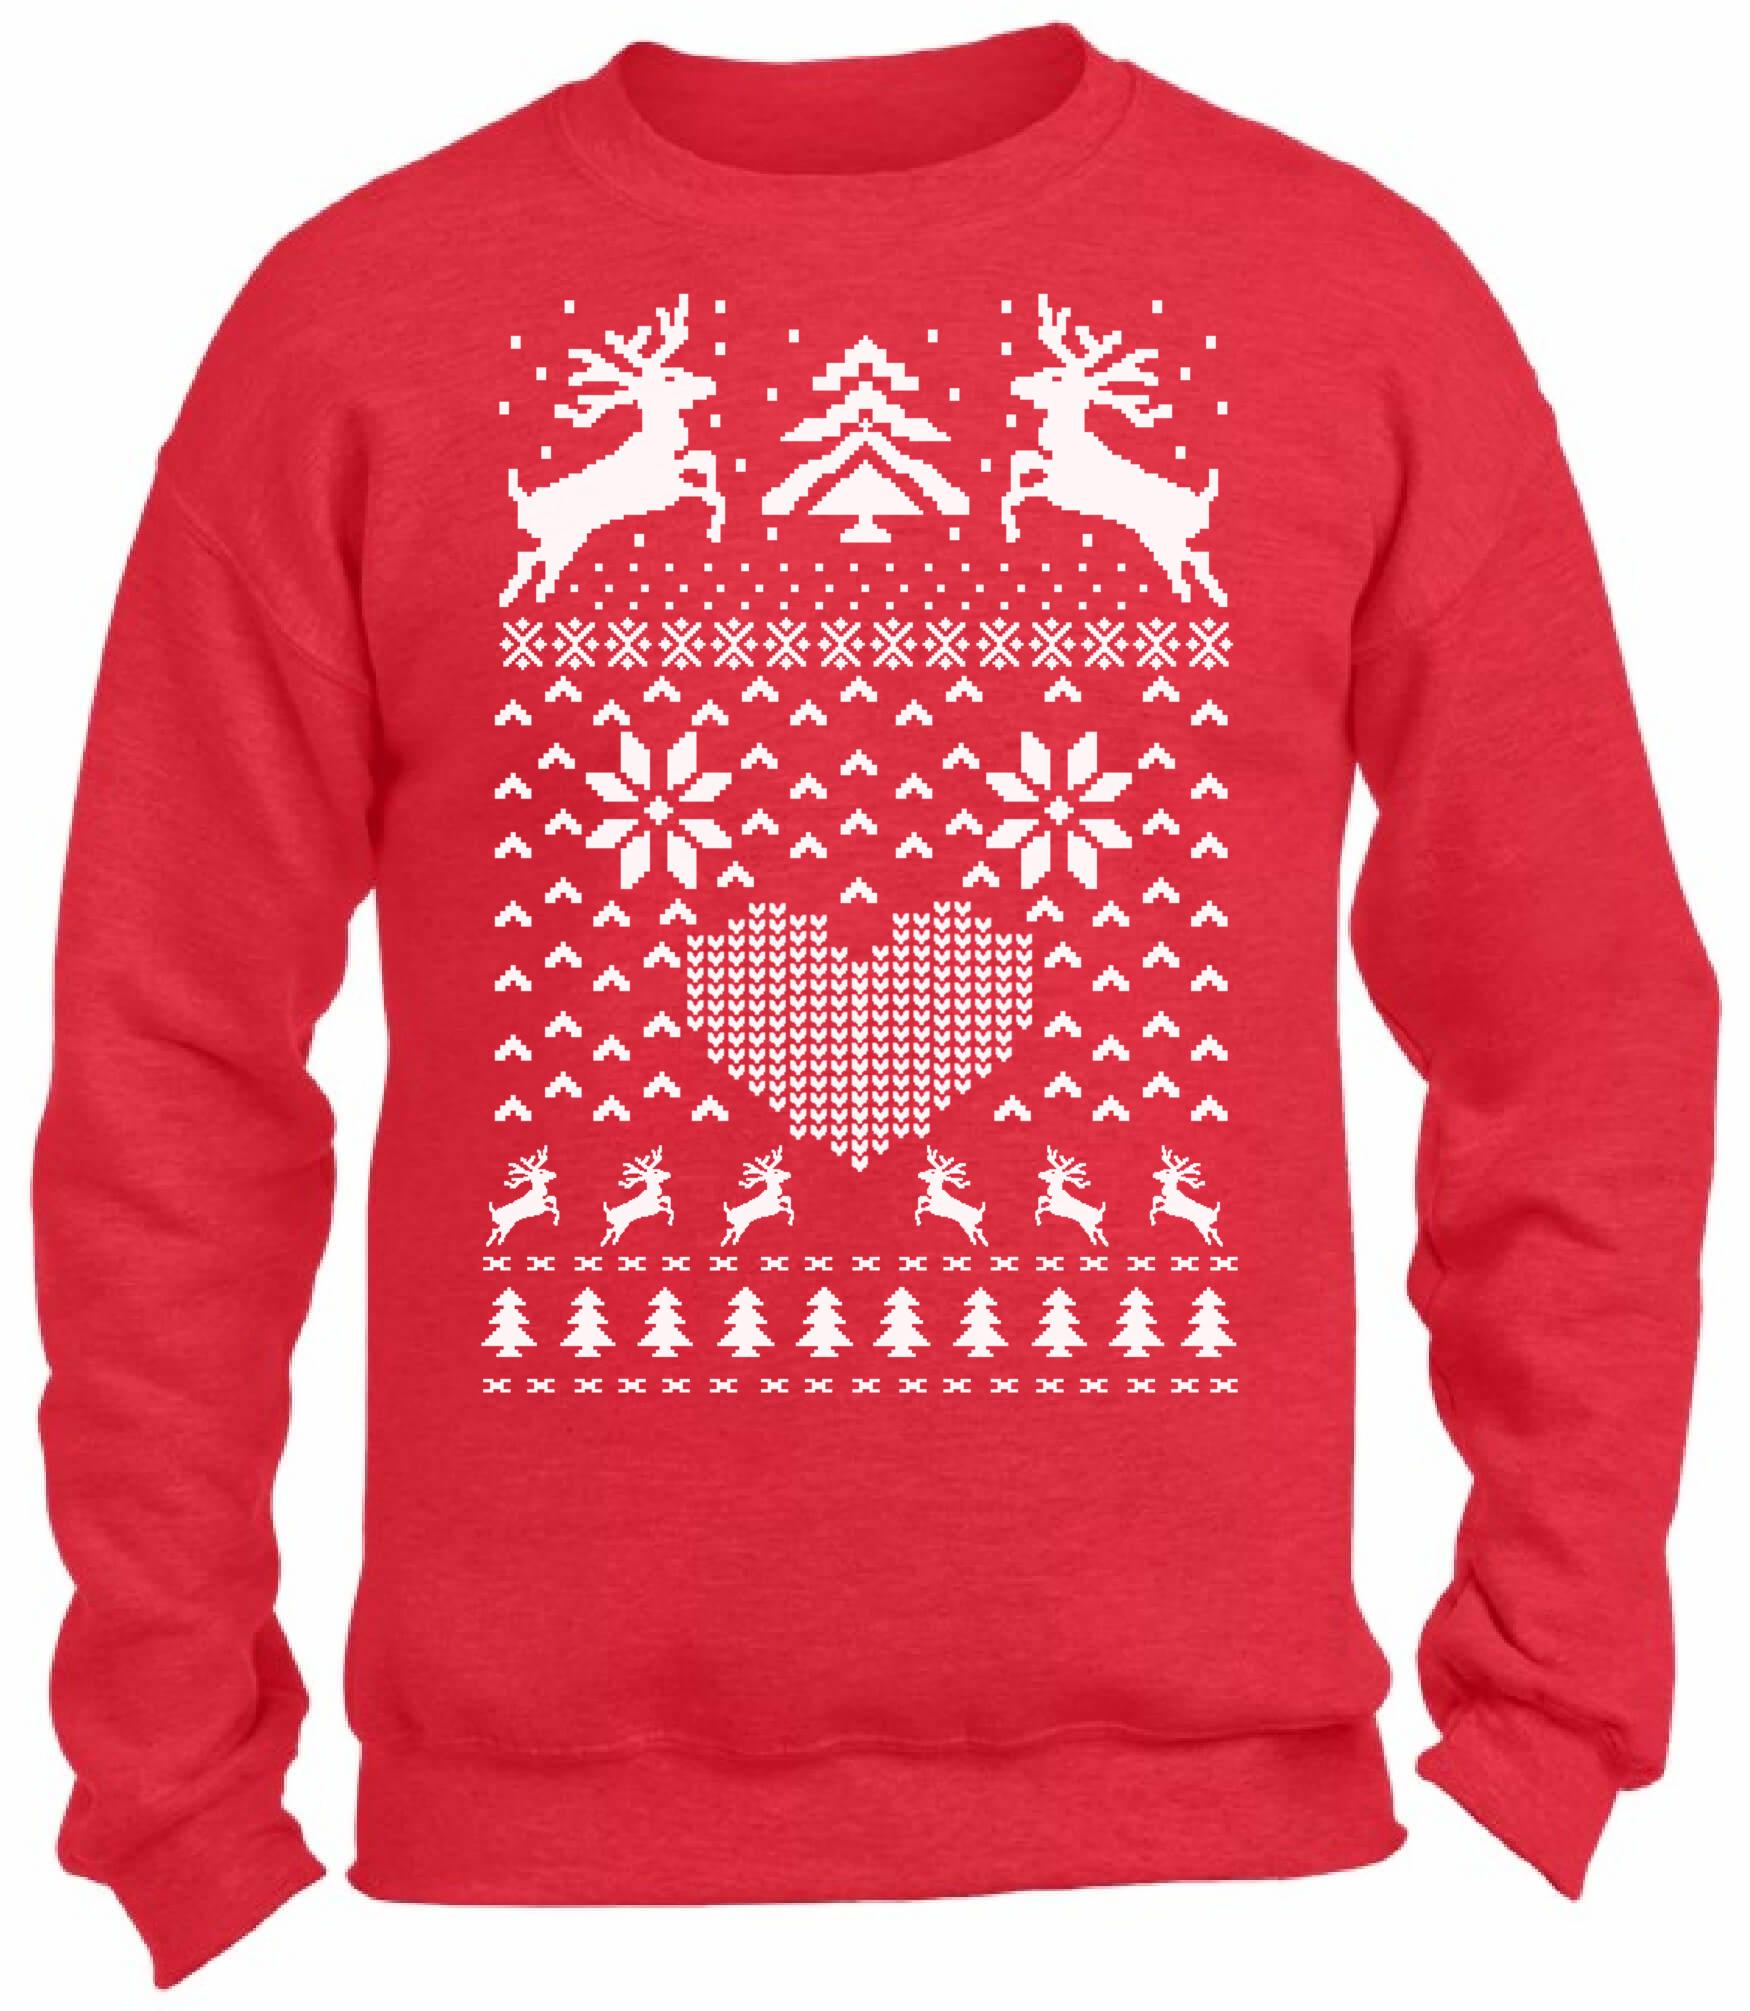 Christmas Reindeer Christmas Sweatshirt Ugly Christmas Sweater Xmas ...